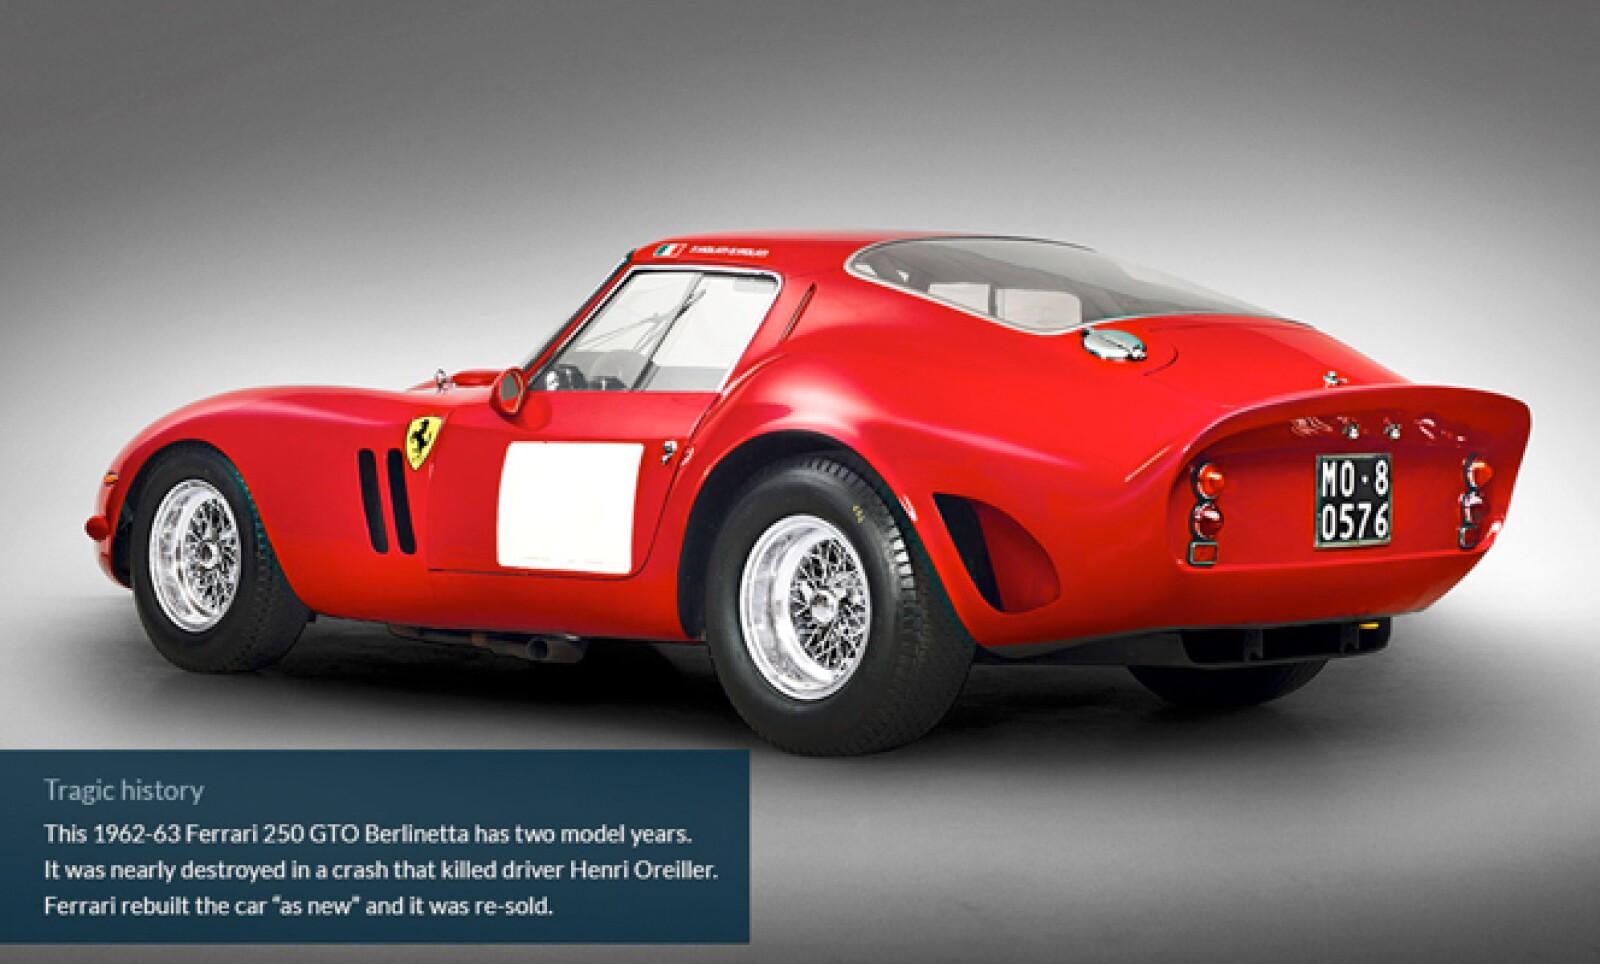 4.Este Ferrari 250 GTO Berlinetta fue casi destruido en un choque que mató a su conductor Henri Oreiller. Ferrari reconstruyó el auto y luego lo revendió.